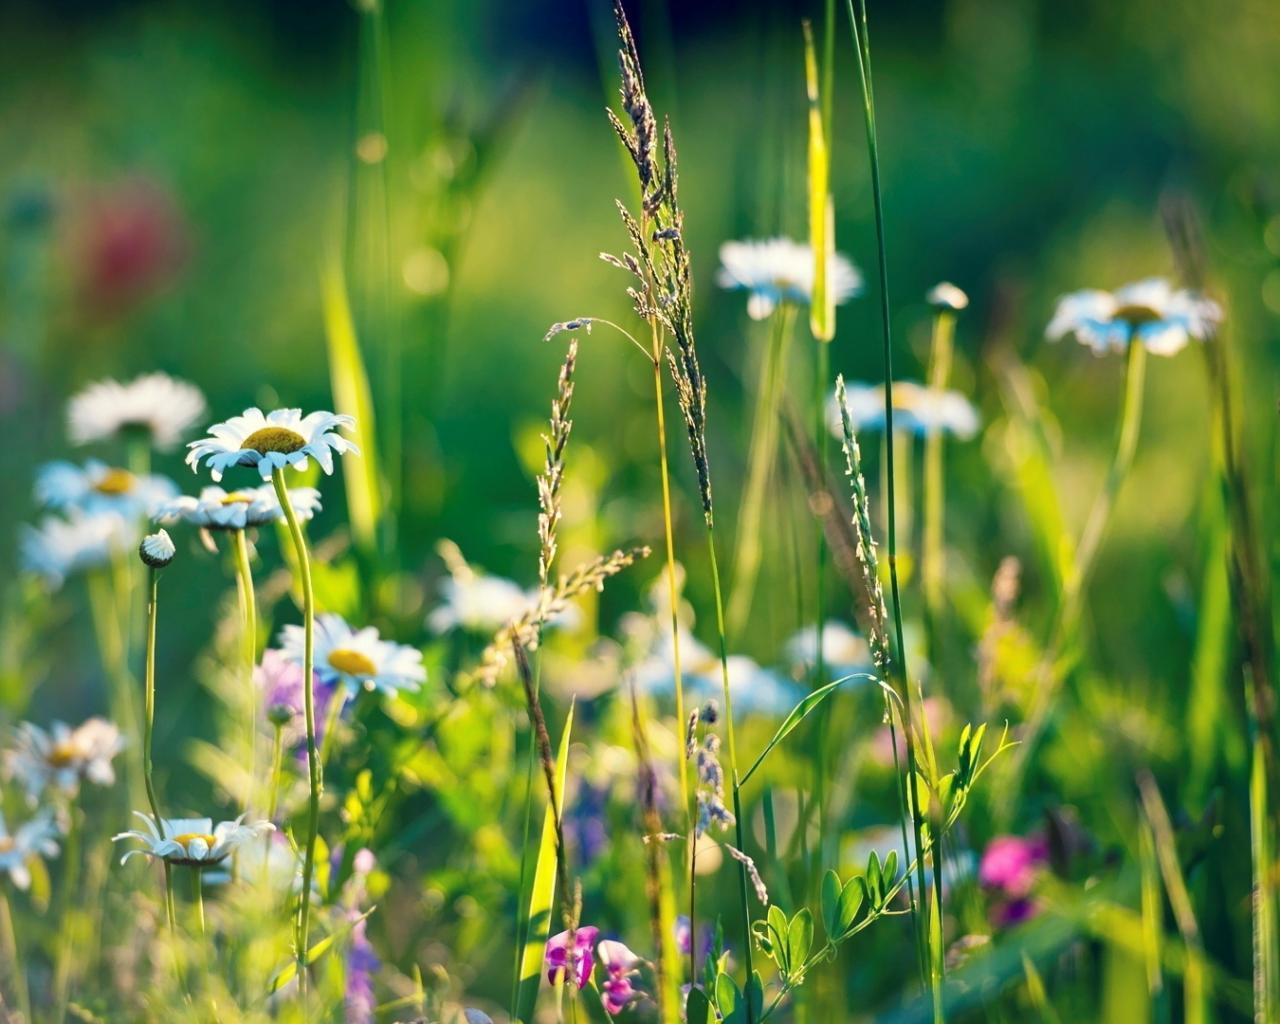 Травы для суставов и хрящей – список наиболее эффективных, побочные эффекты, показания к применению и противопоказания